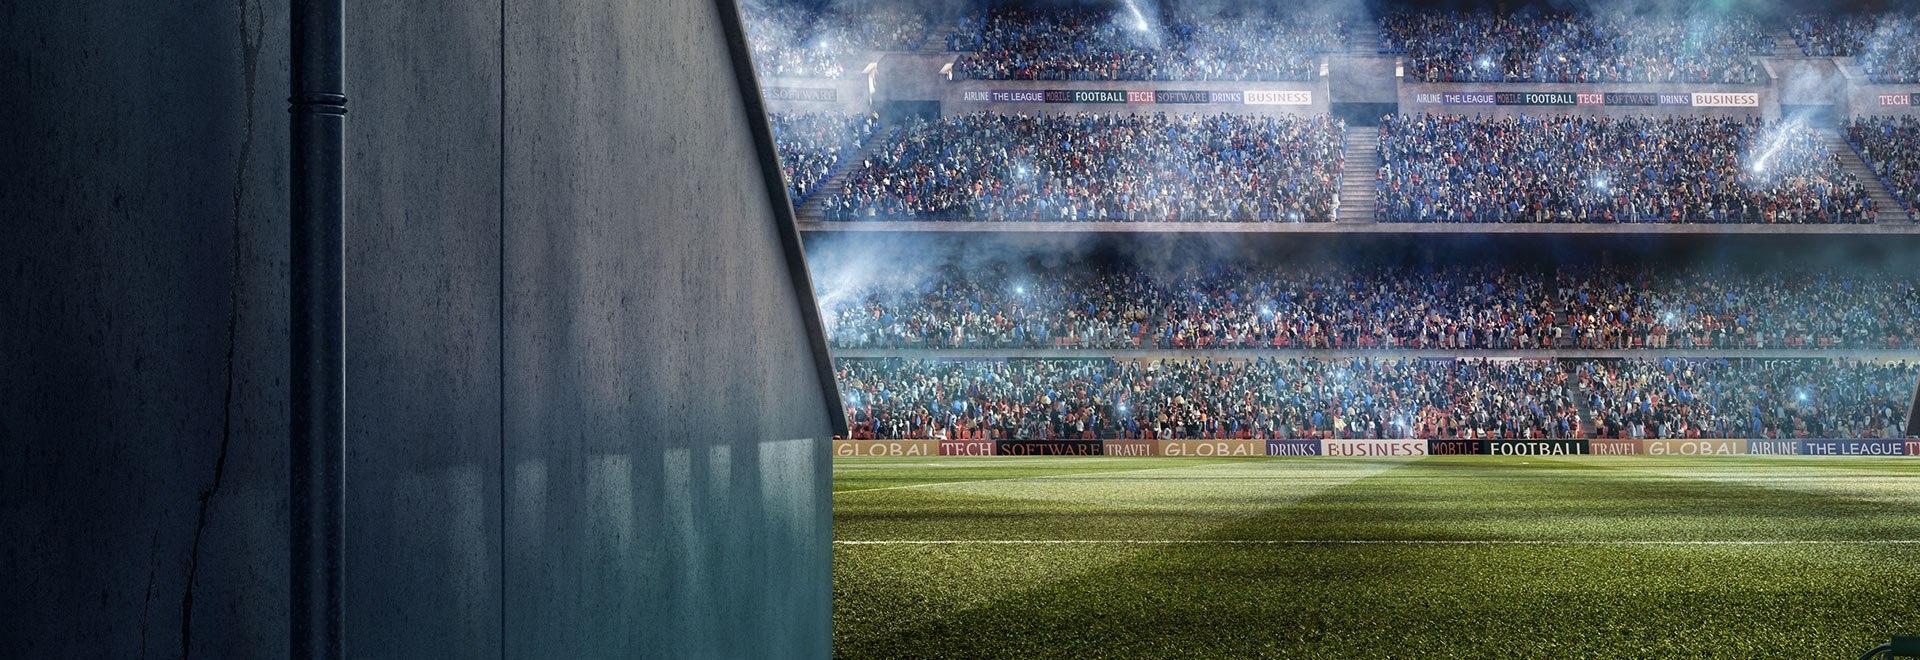 Albinoleffe - Modena. Playoff 1° turno Nazionale Andata